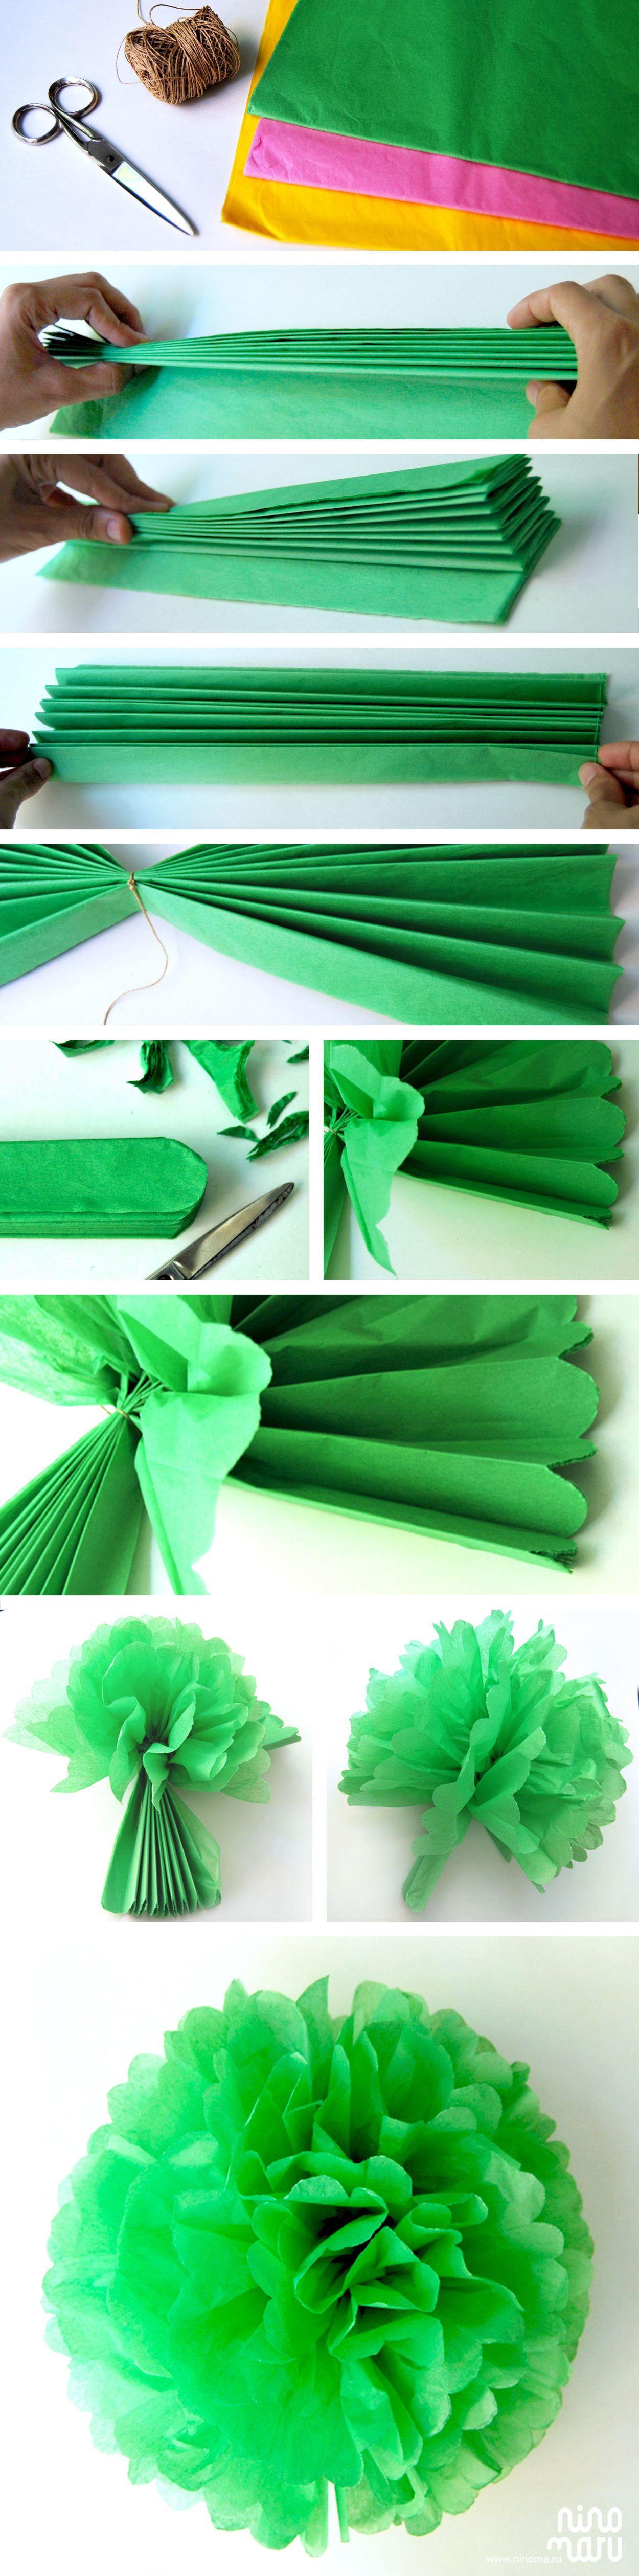 Tutorial DIY Pompones de Papel de seda by Ninomaru